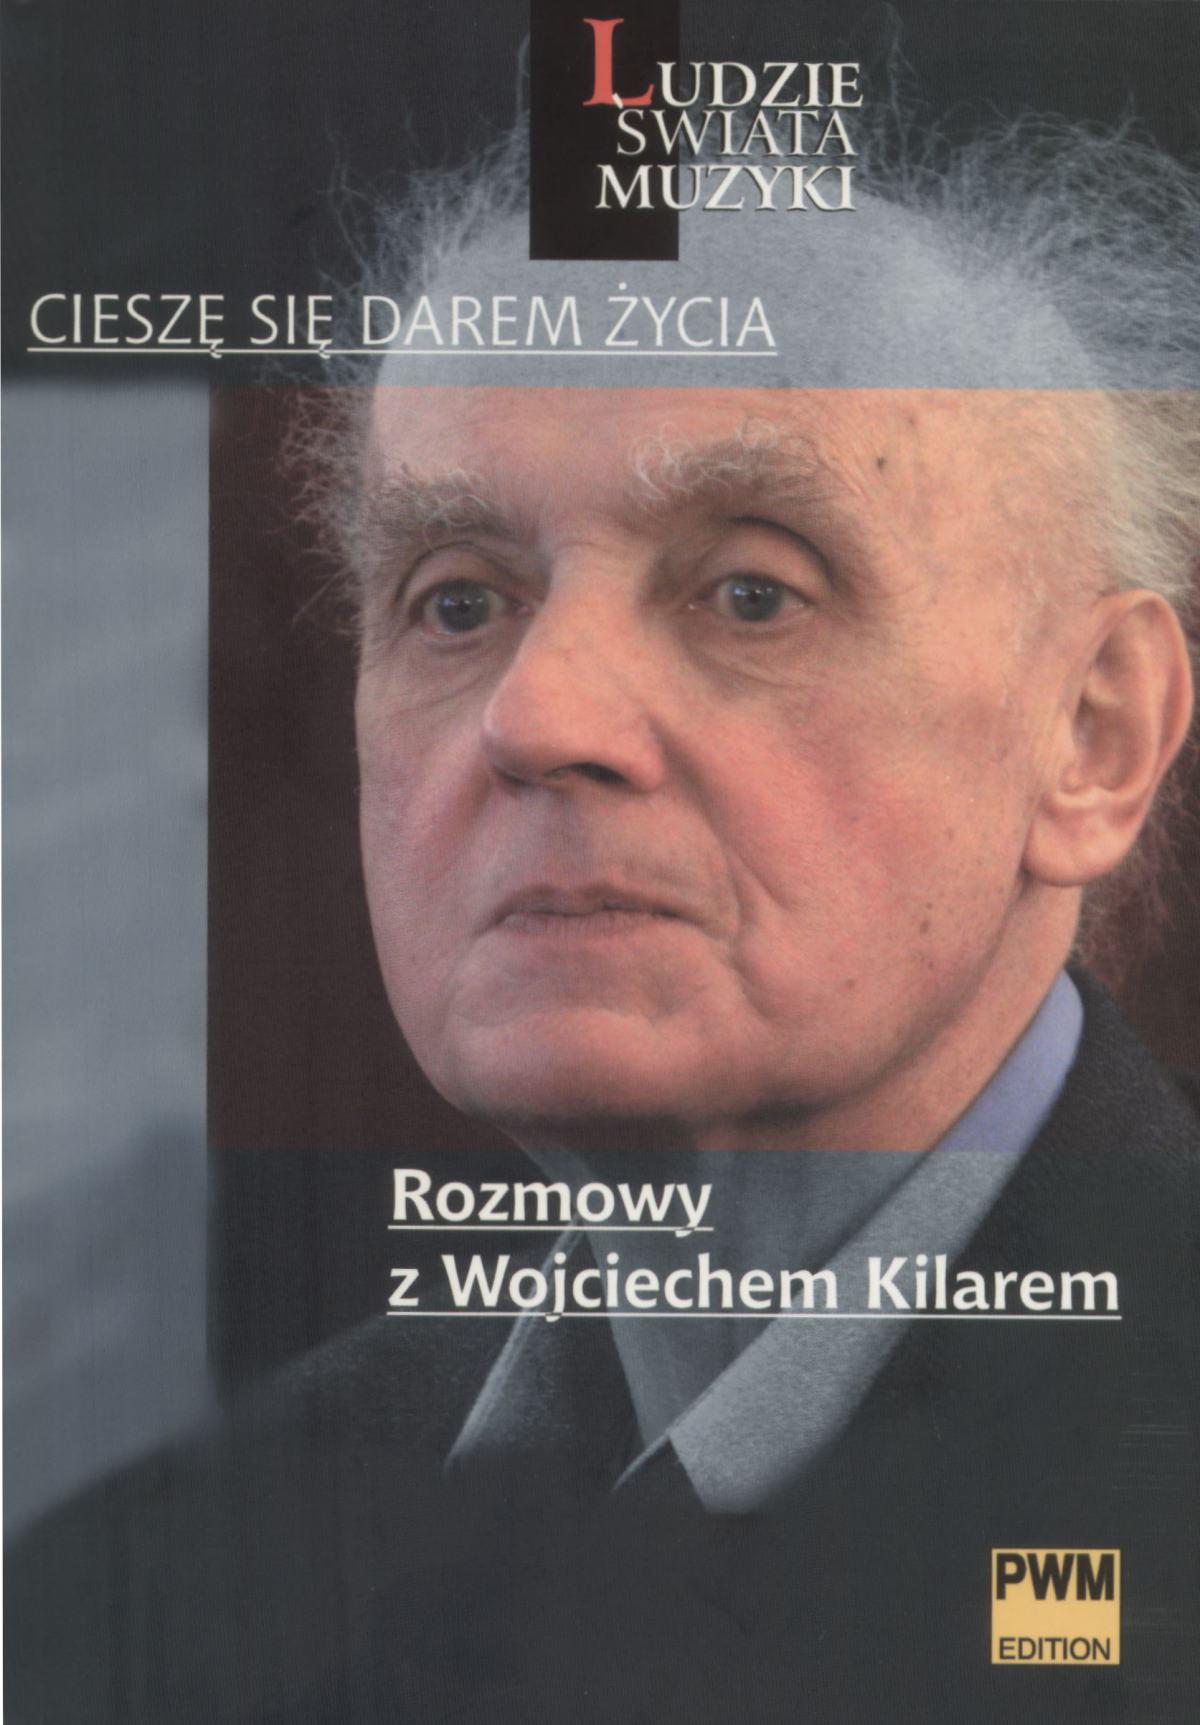 Cieszę się darem życia. Rozmowy z Wojciechem Kilarem - Ebook (Książka EPUB) do pobrania w formacie EPUB